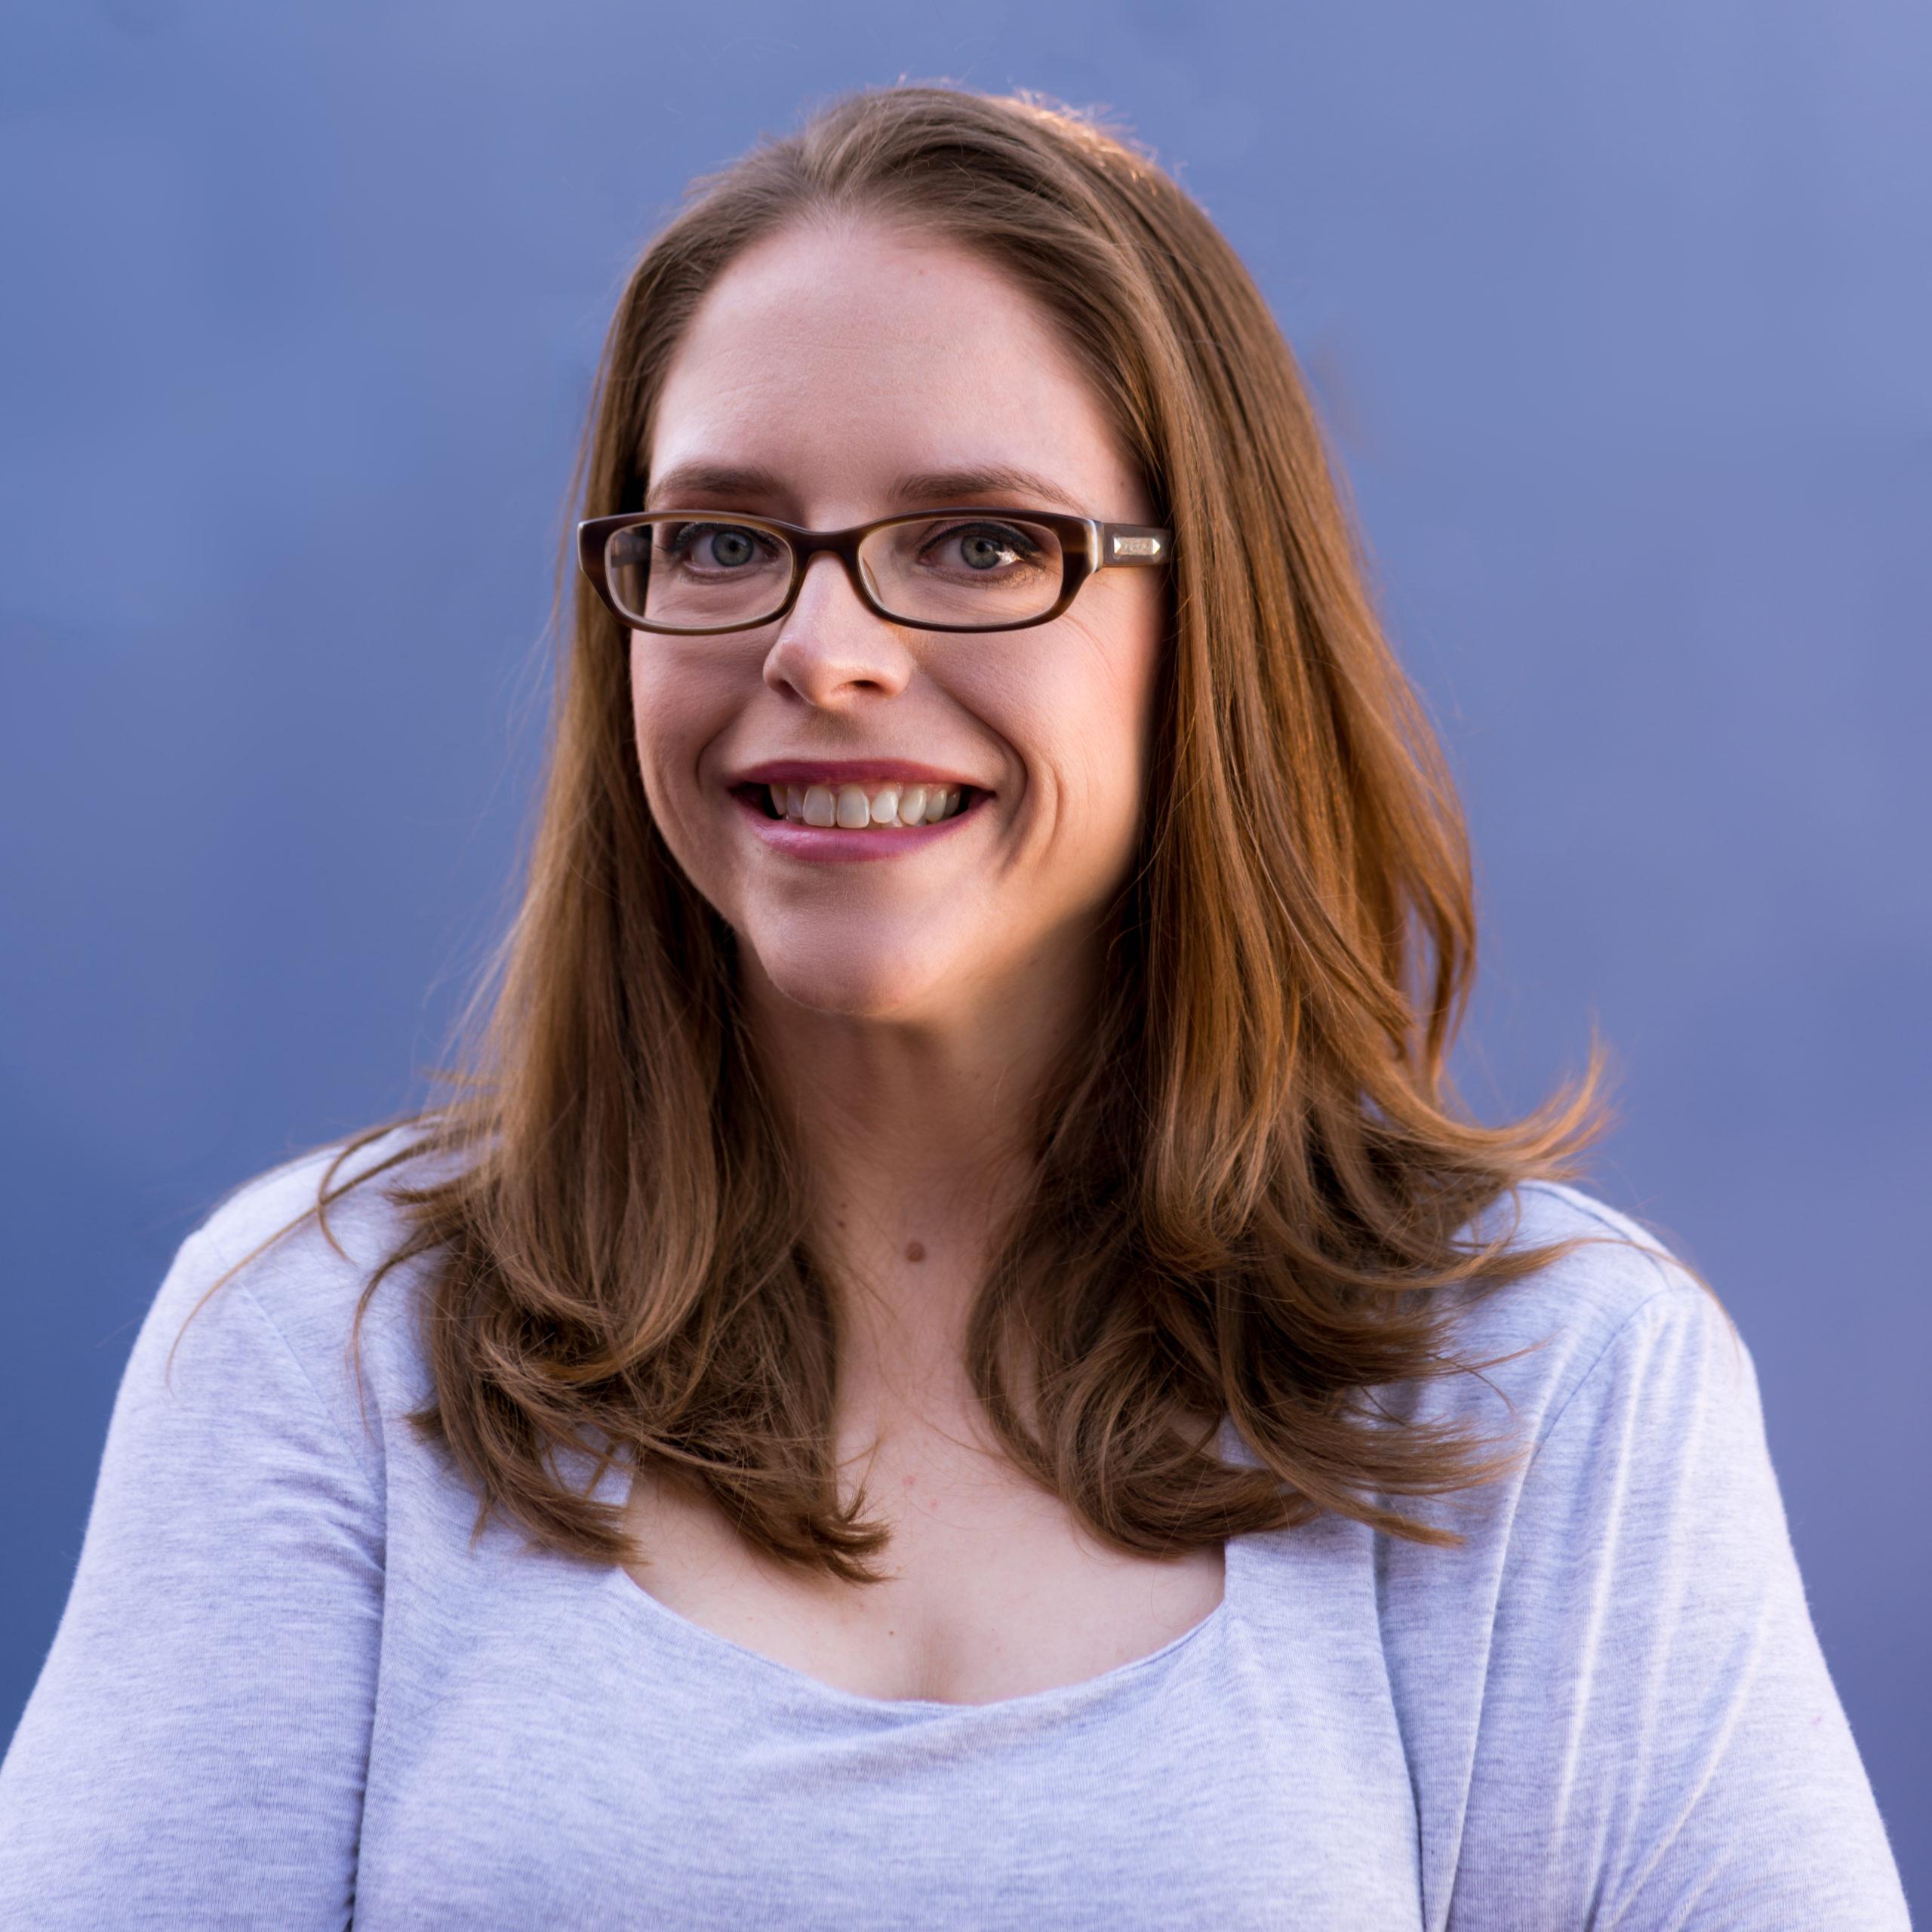 Sara Trautner